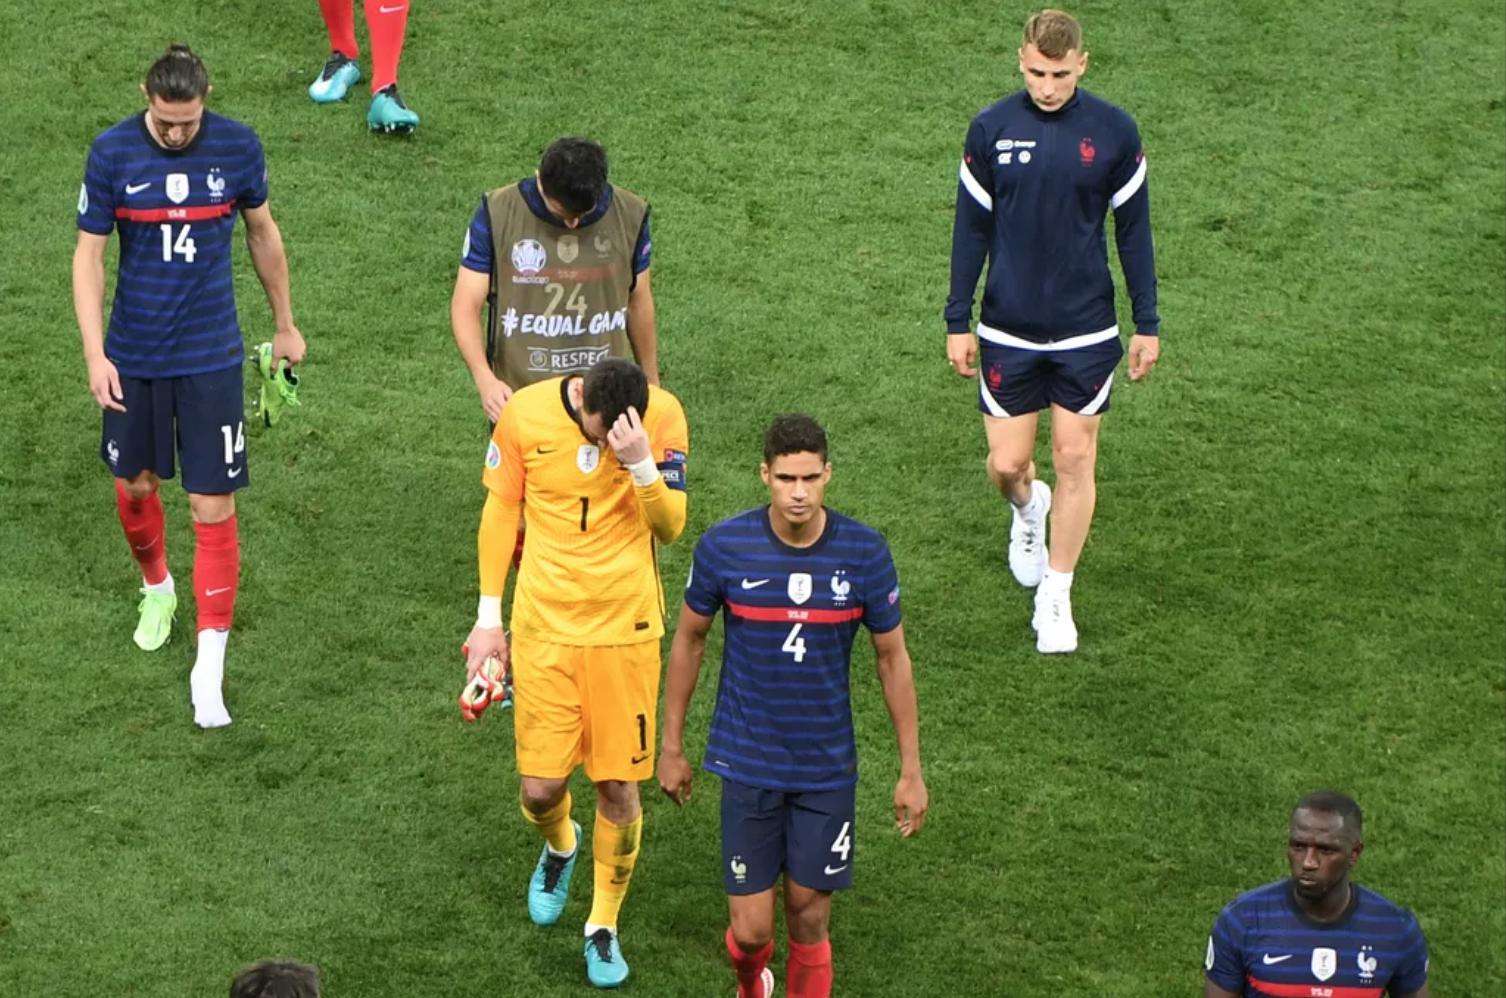 Cầu thủ Pháp rời sân sau thất bại dưới tay Thuỵ Sĩ trong loạt đá luân lưu. Ảnh: Panoramic